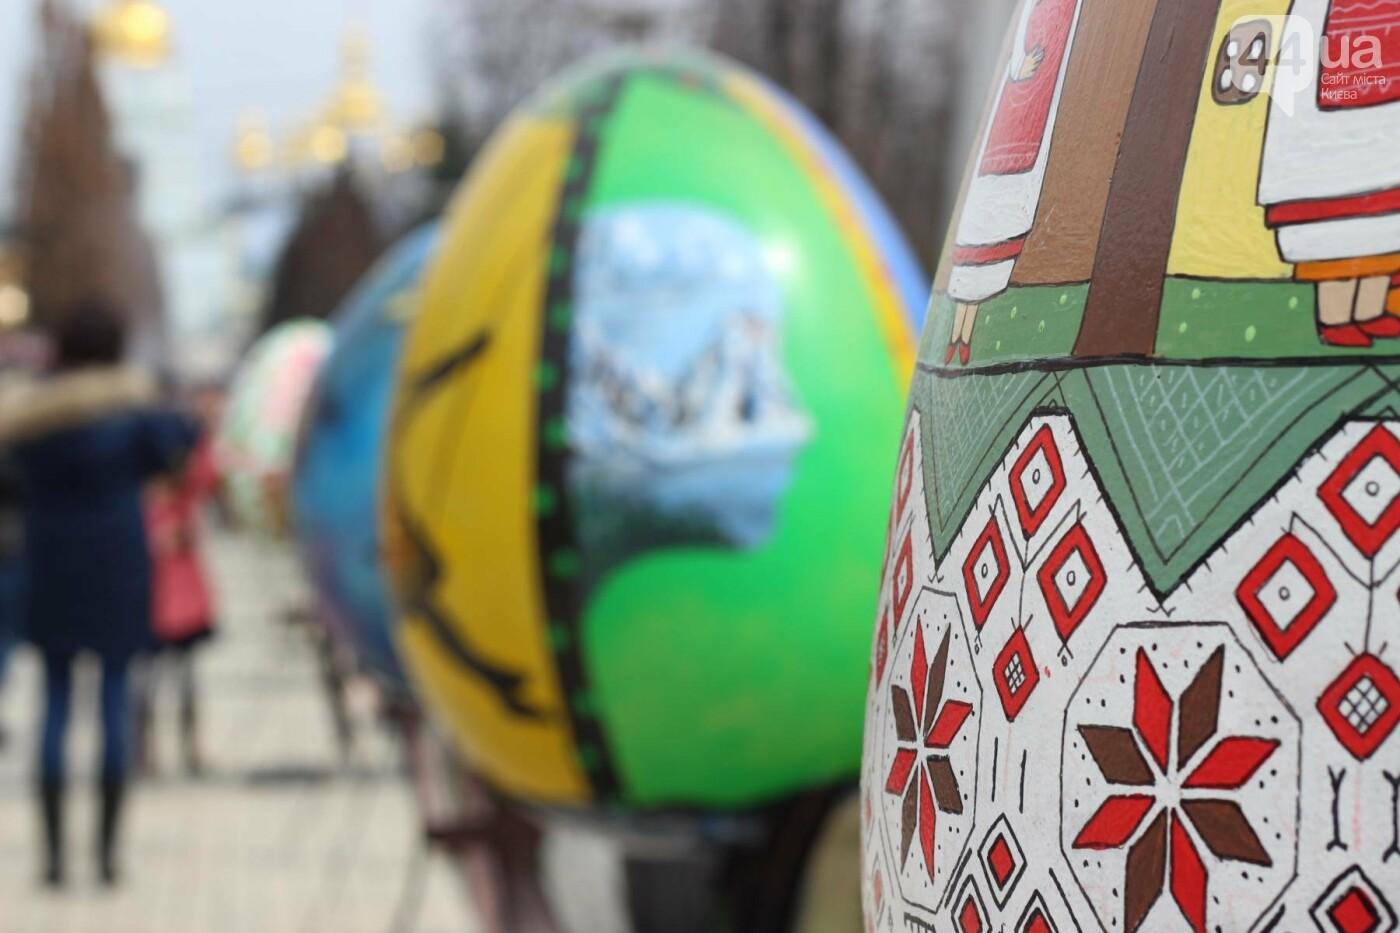 Писанки и кролики: как на Софийской площади проходит Пасхальный фестиваль, фото-17